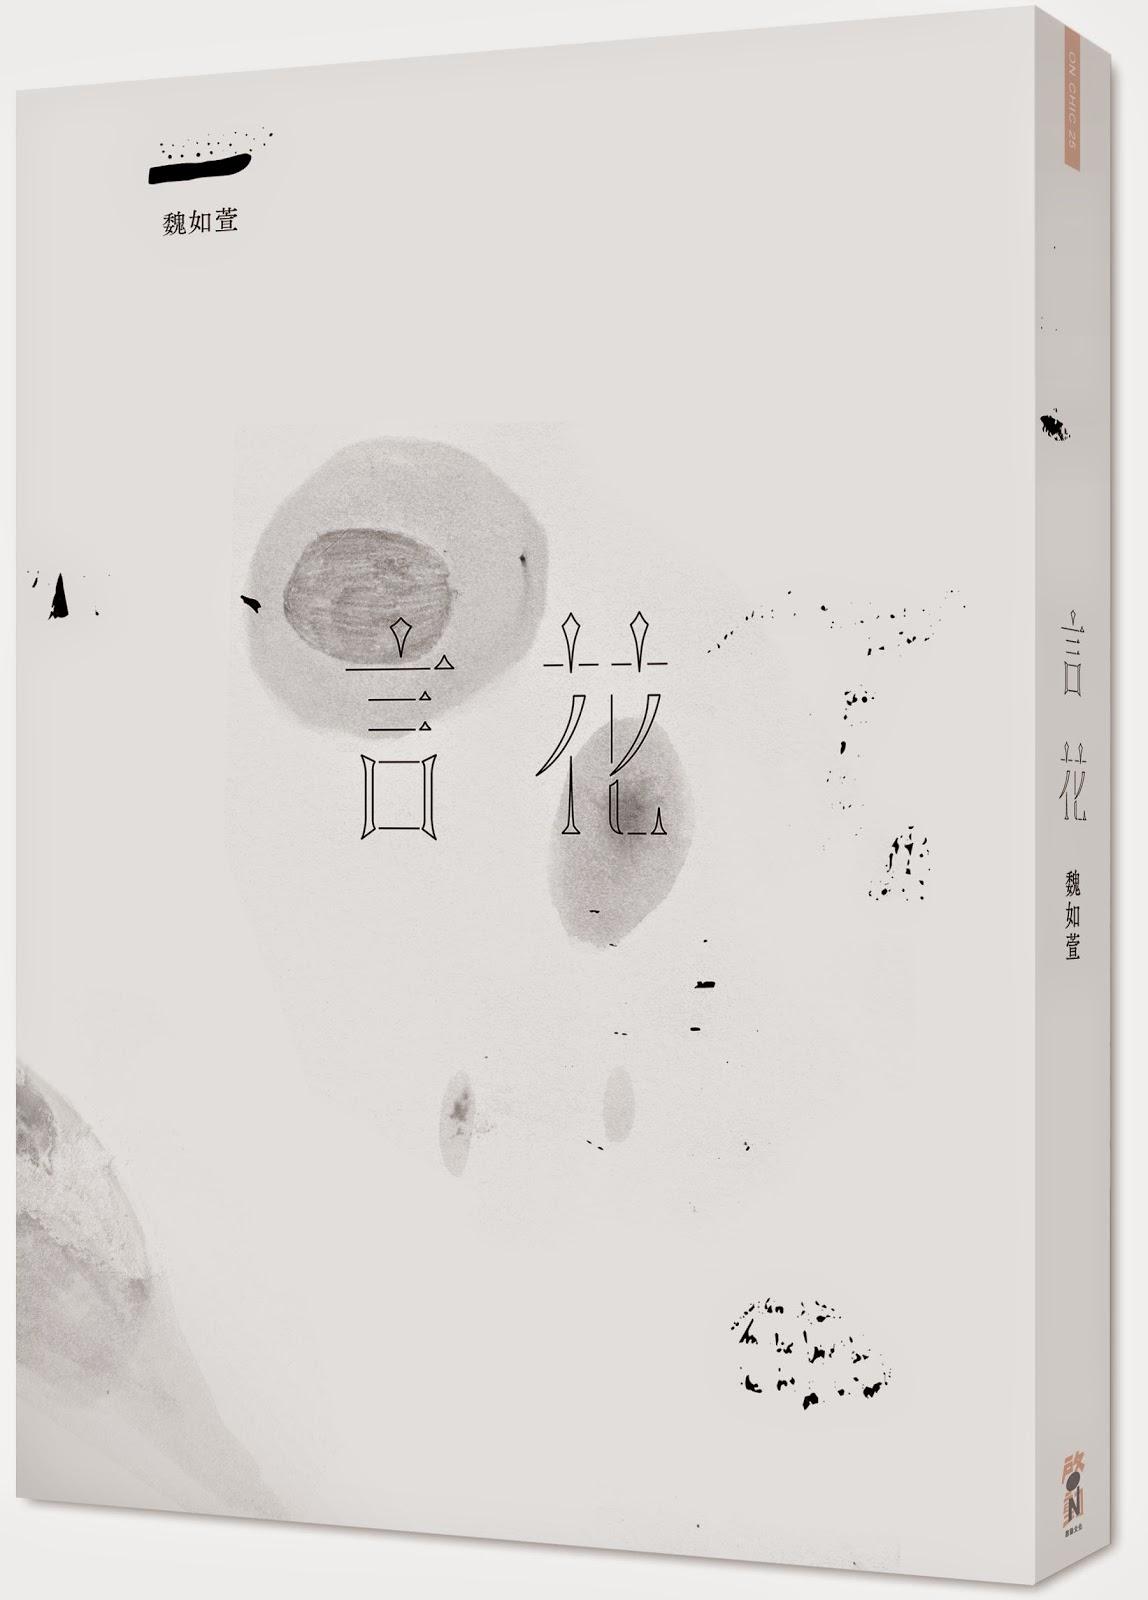 魏如萱 waa wei首本圖文創作集【言花】預購 哪裡買 新書 出書